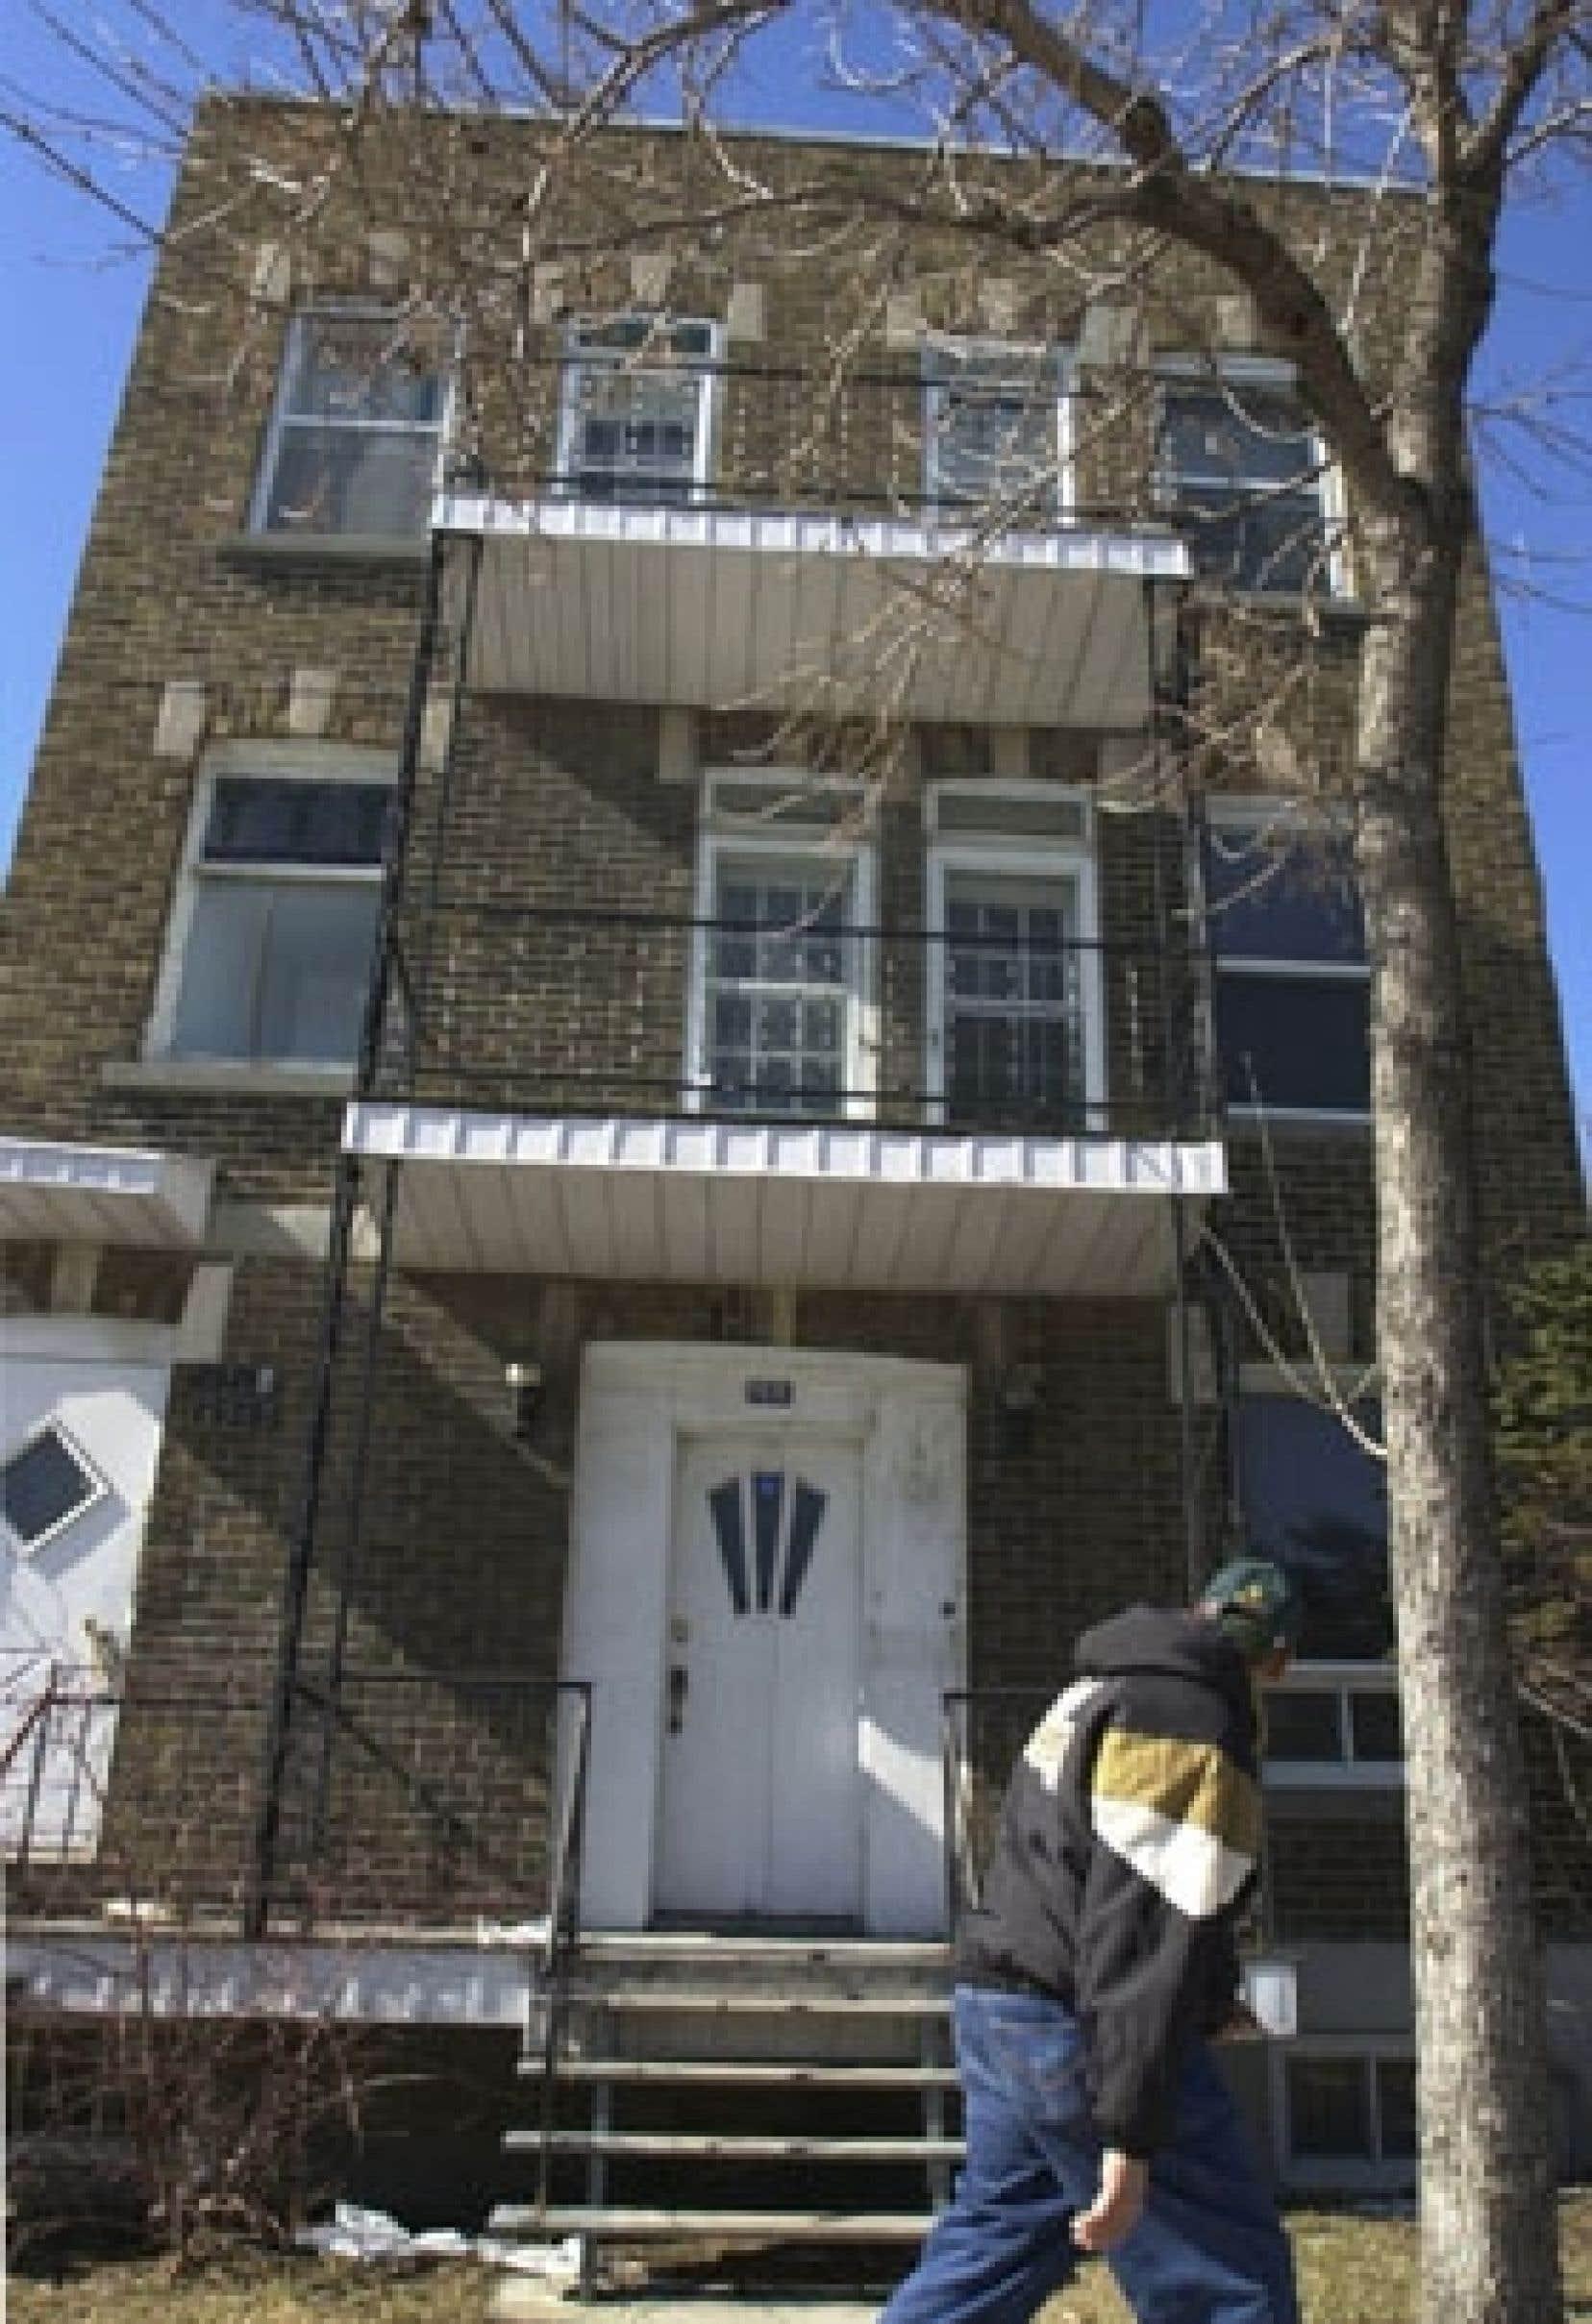 Le contrat type entre un vendeur et son agent immobilier, approuvé par l'ACAIQ, autorise le paiement seulement s'il y a une vente. De 1987 à 2002, Proprio Direct a fonctionné à l'inverse, exigeant un «coût d'adhésion» non remboursable éq